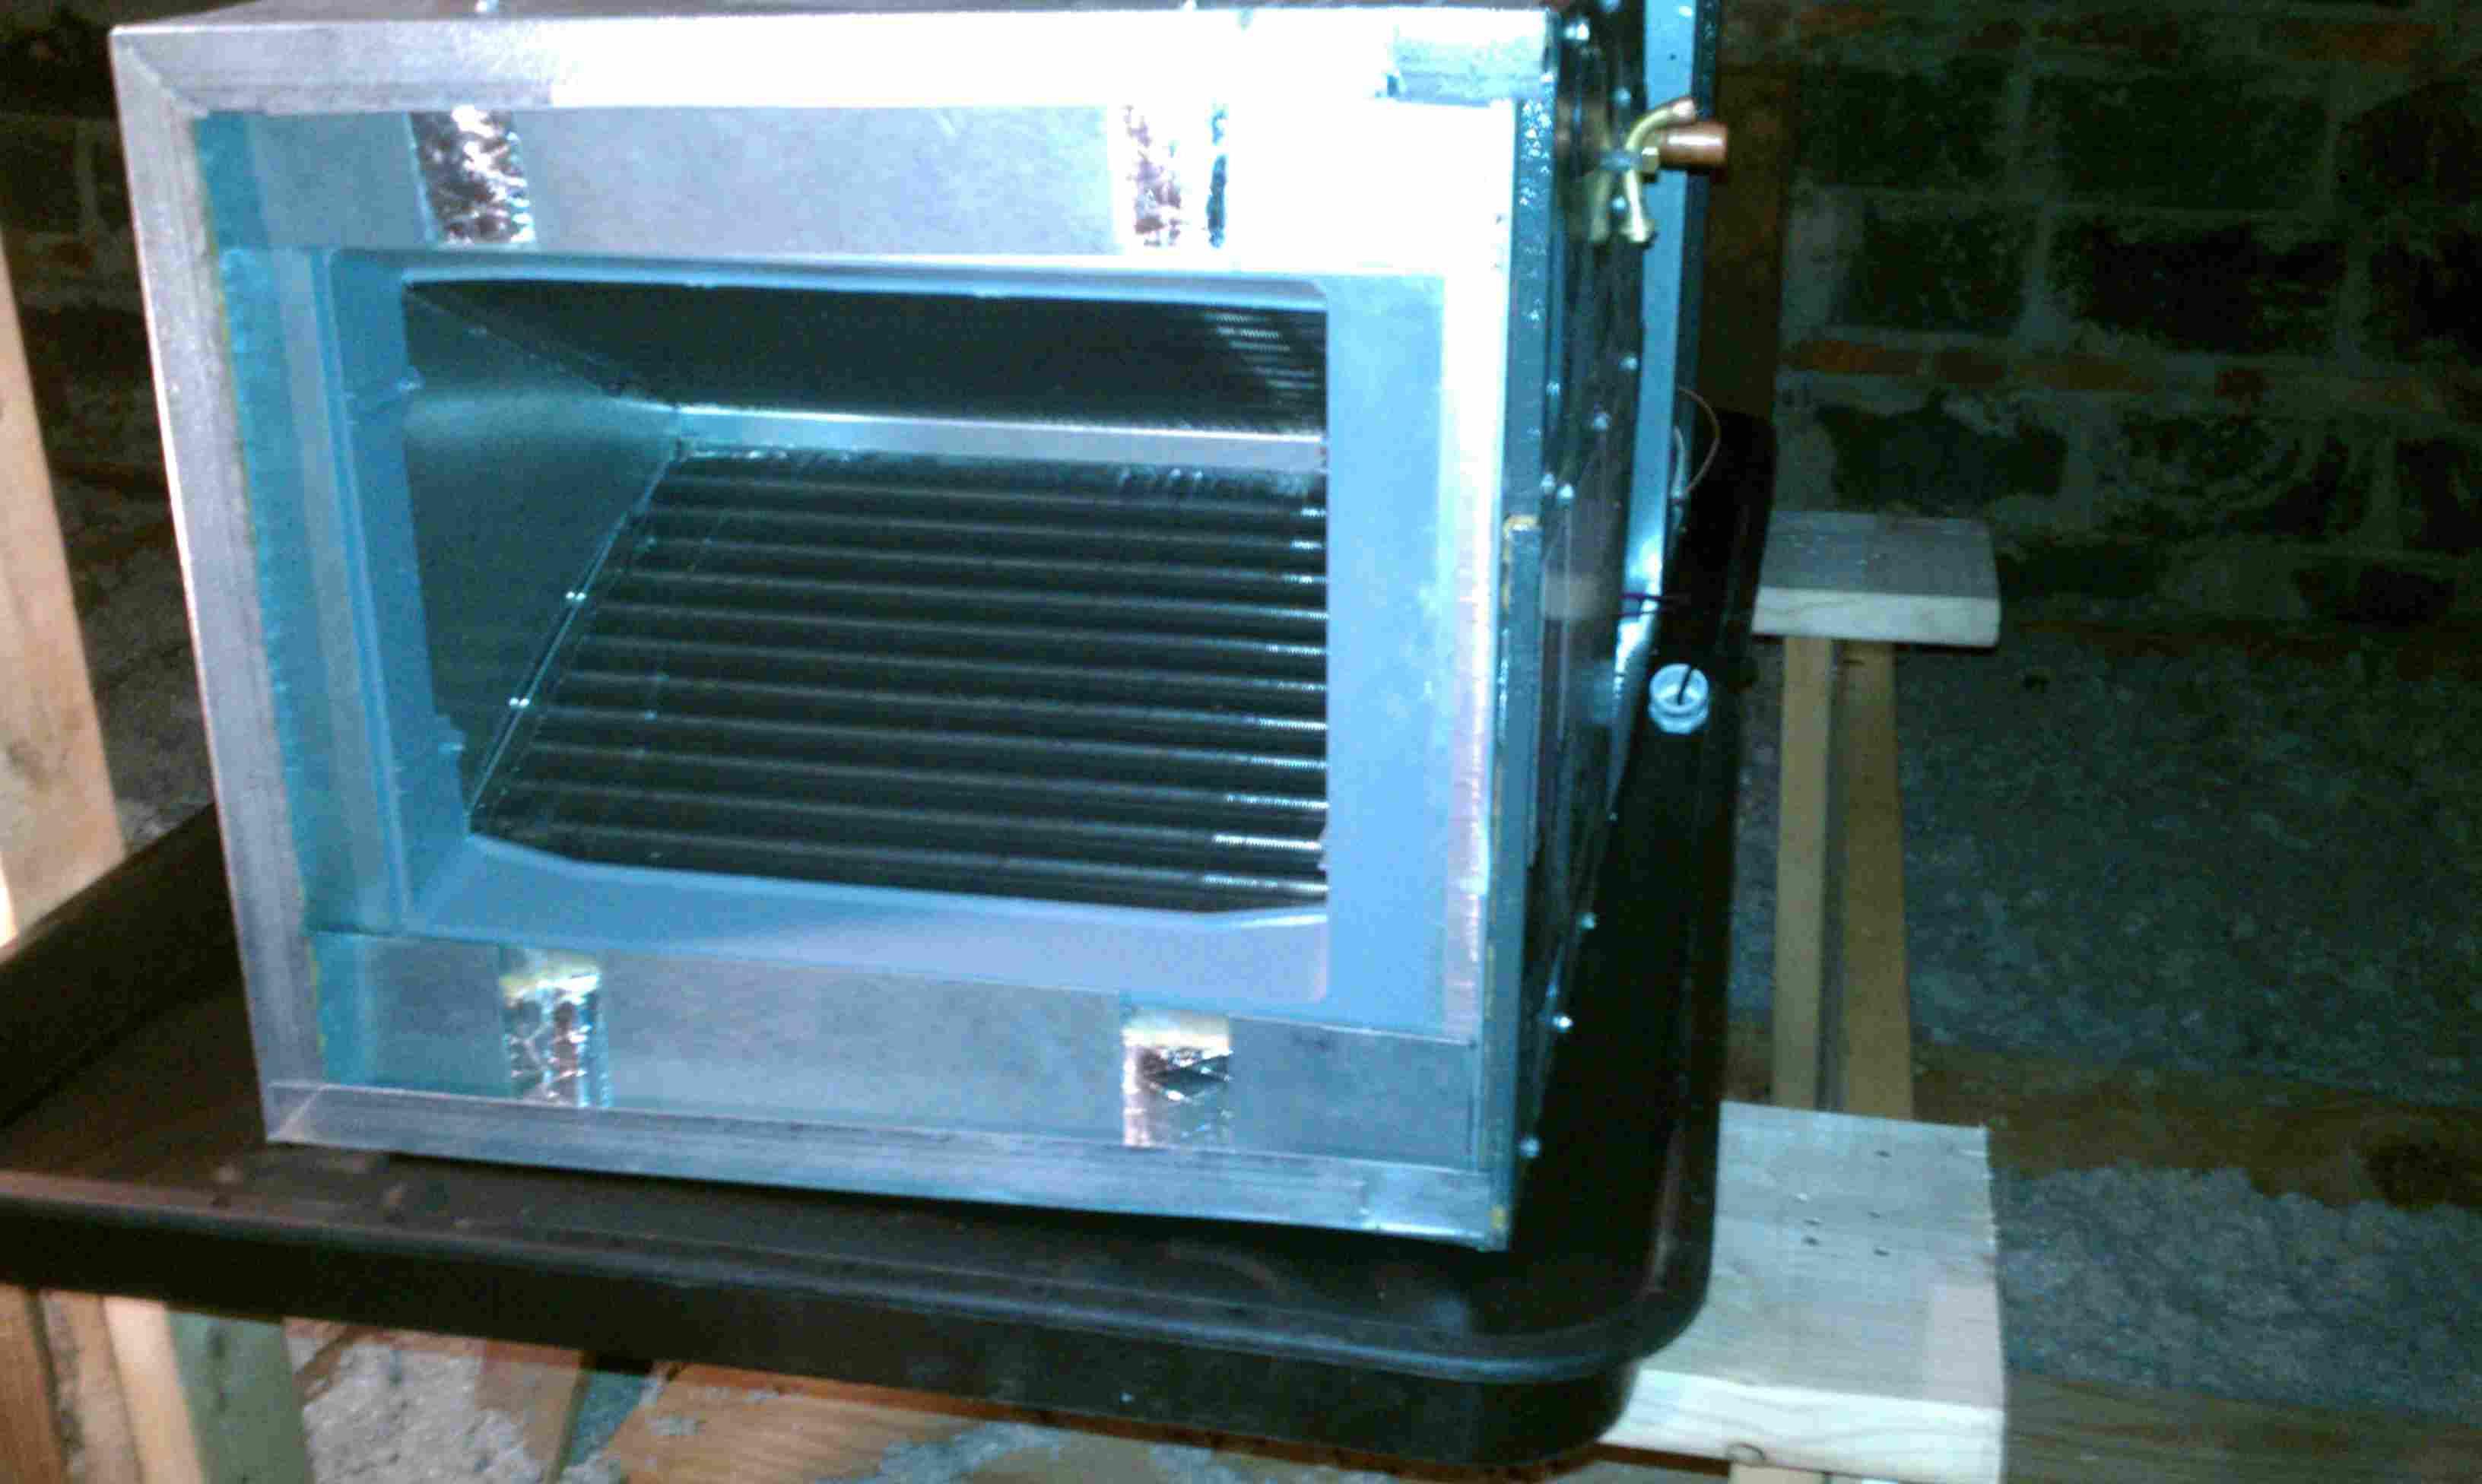 wwwdiychatroomcom f17 thermostatwiringtransformerwhere100504 data rh 15 hrc solarhandel de